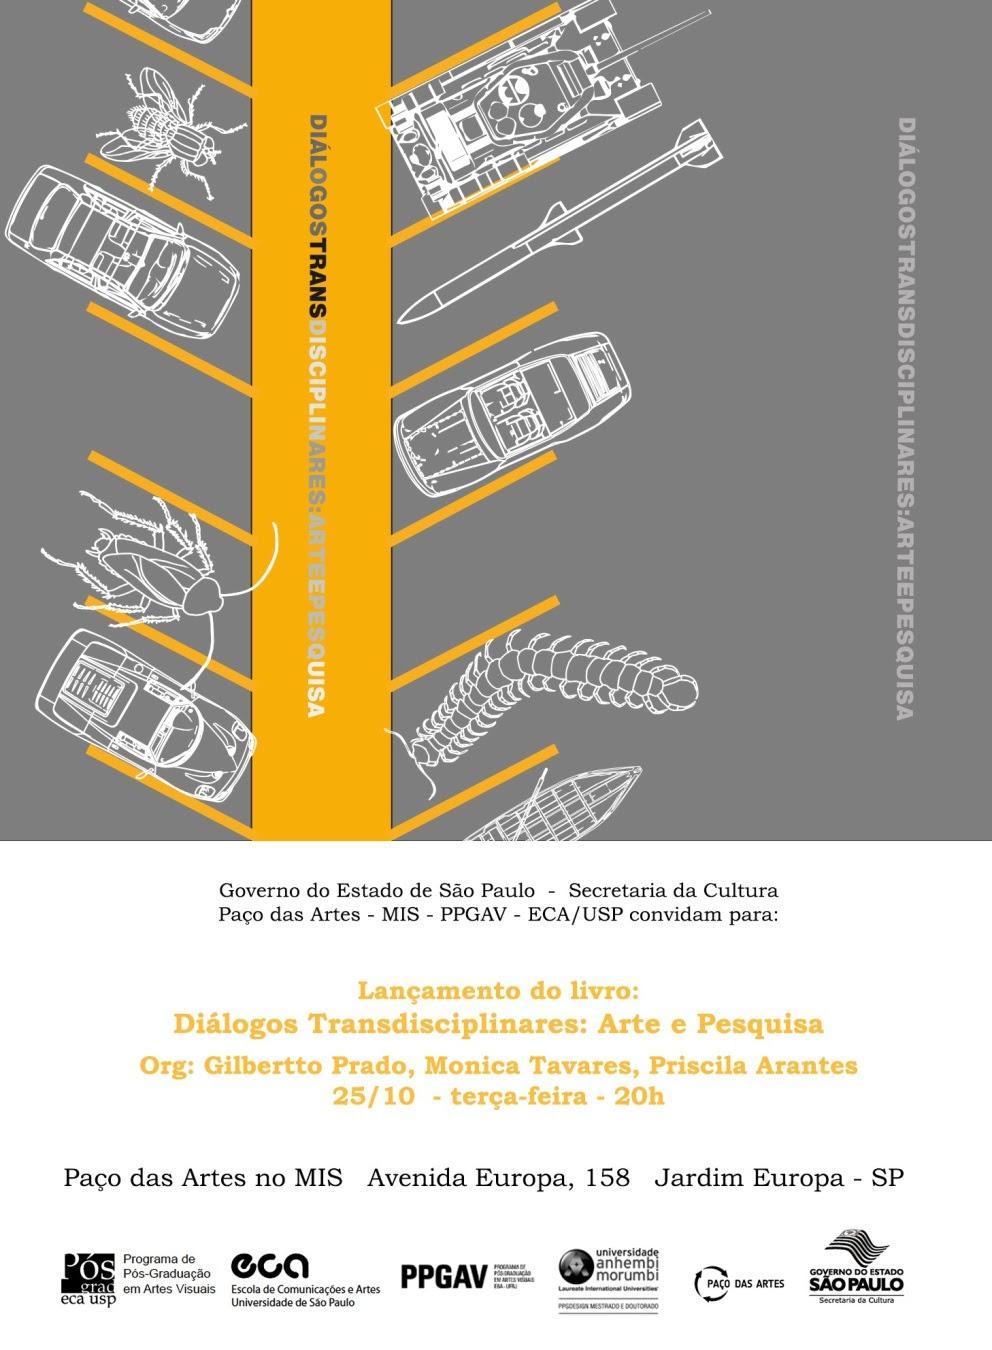 Seminário Internacional Diálogos Transdisciplinares: Arte e Pesquisa